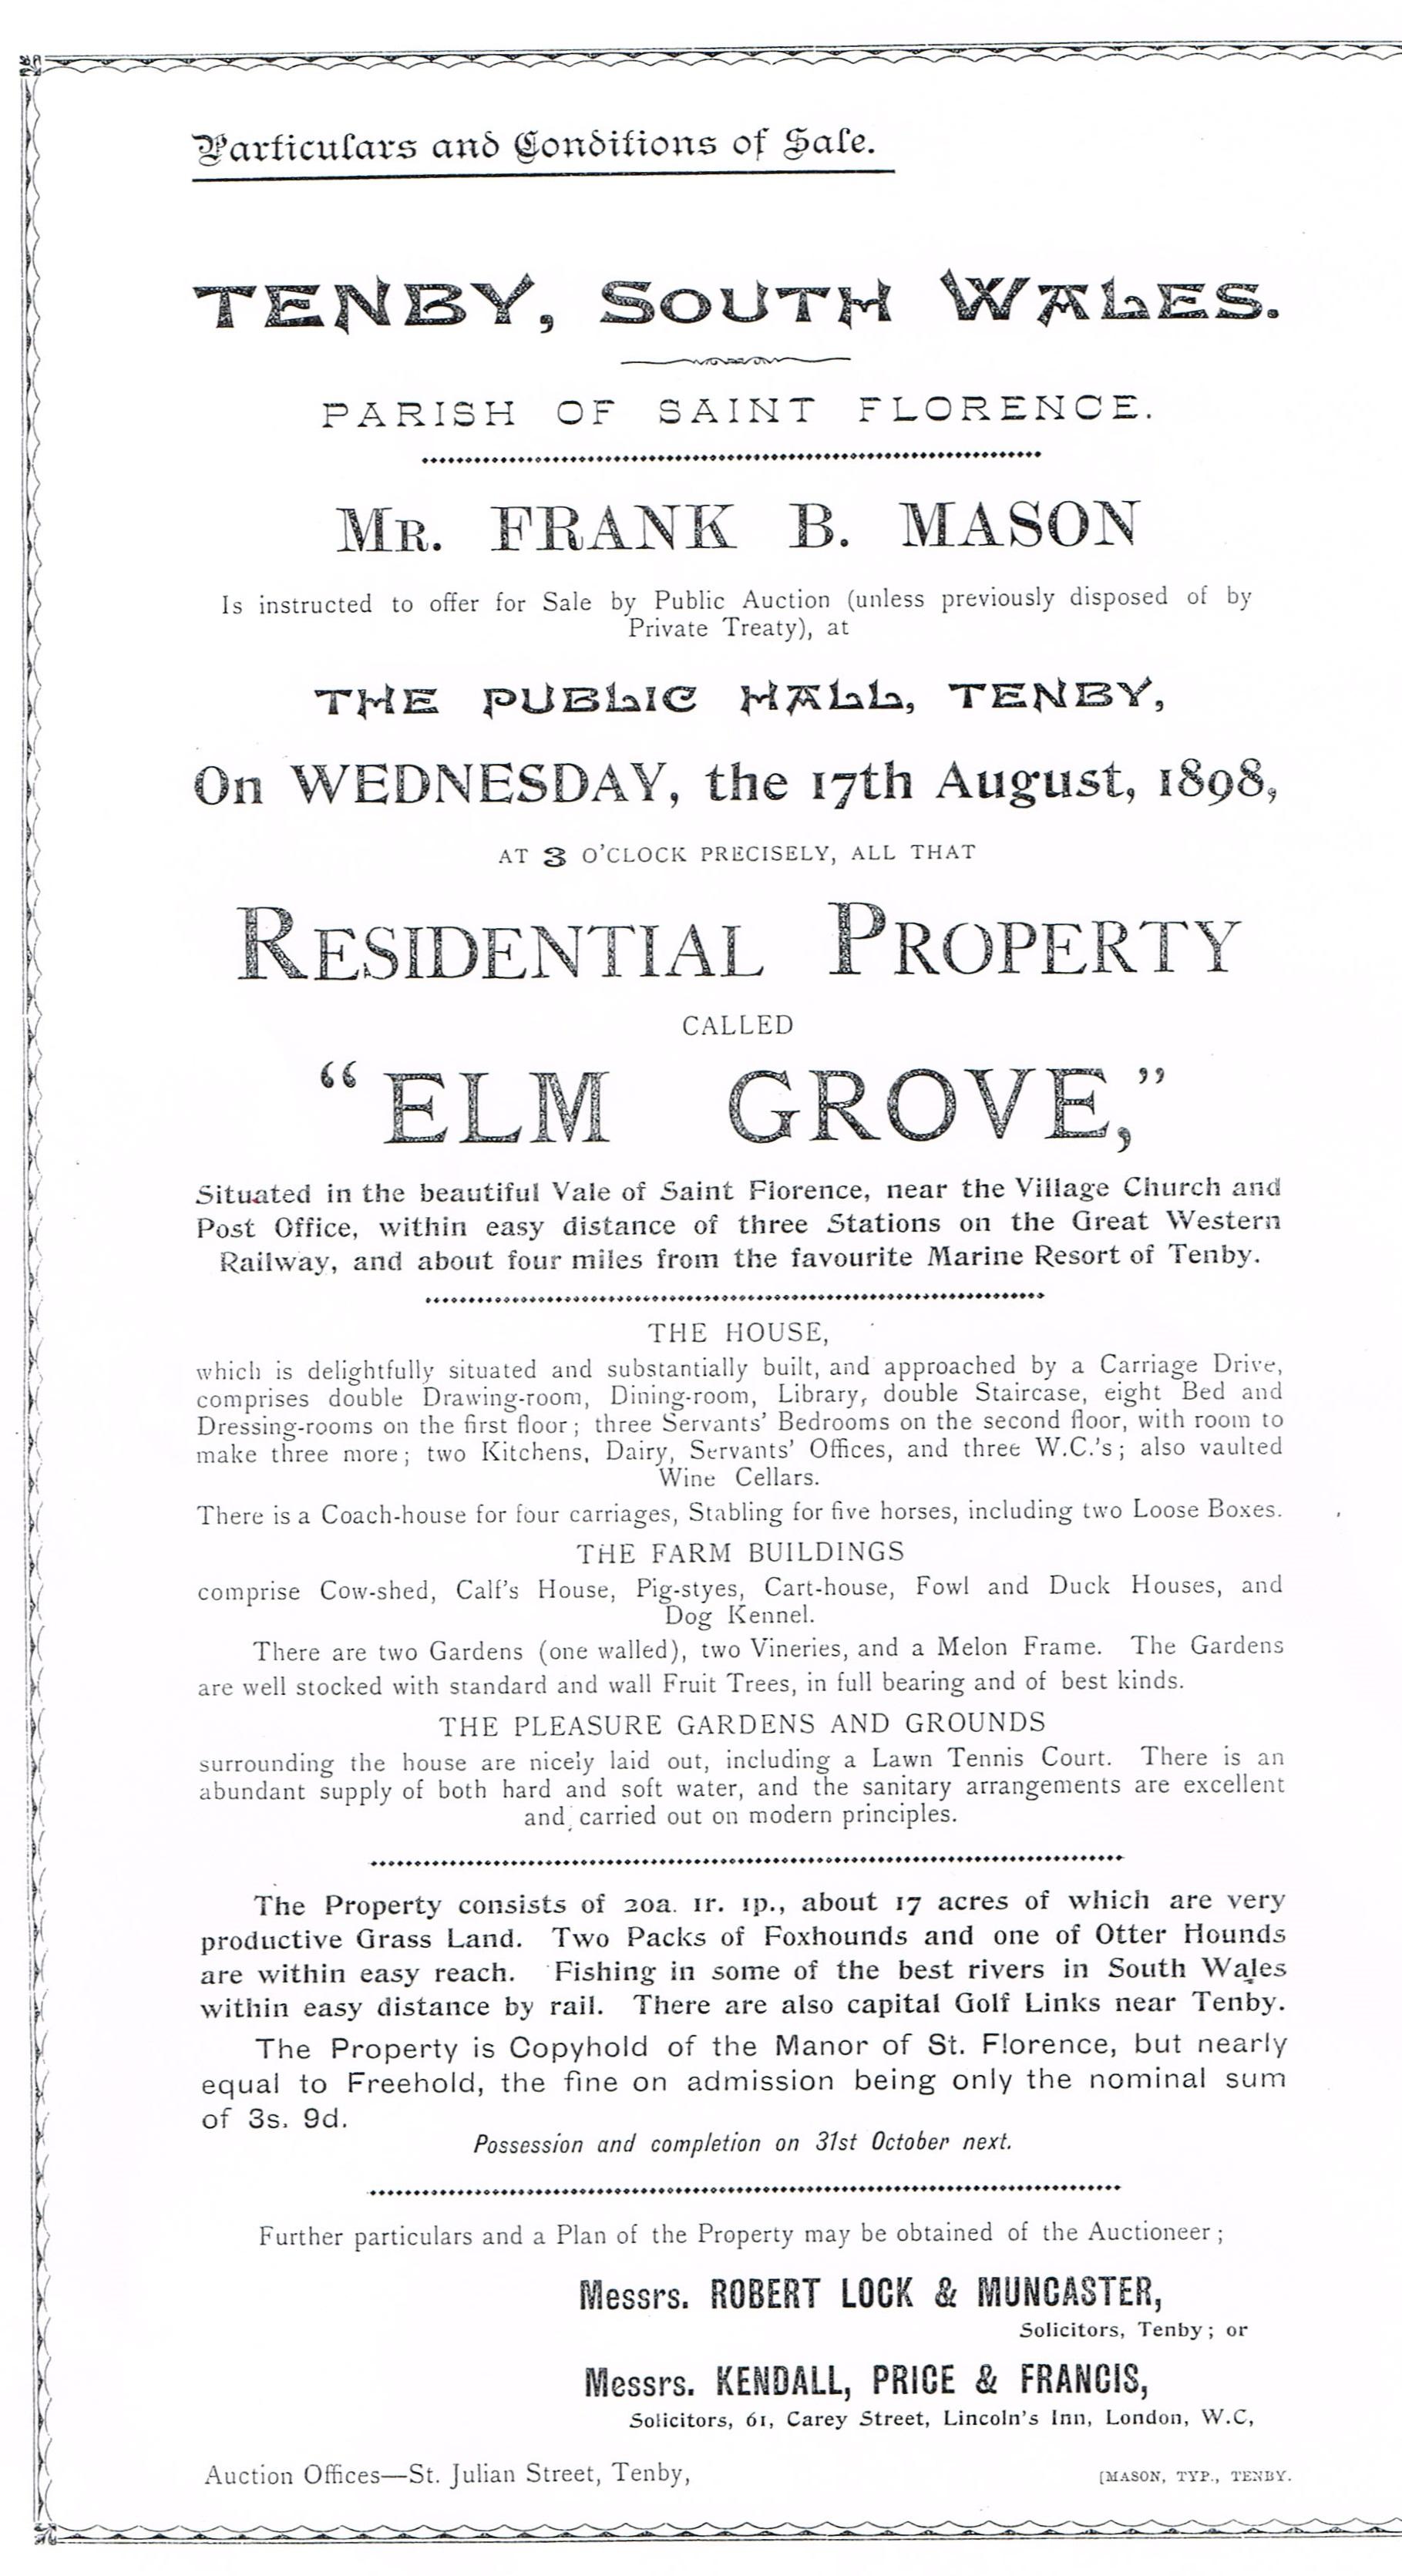 elm grove auction 2.jpg